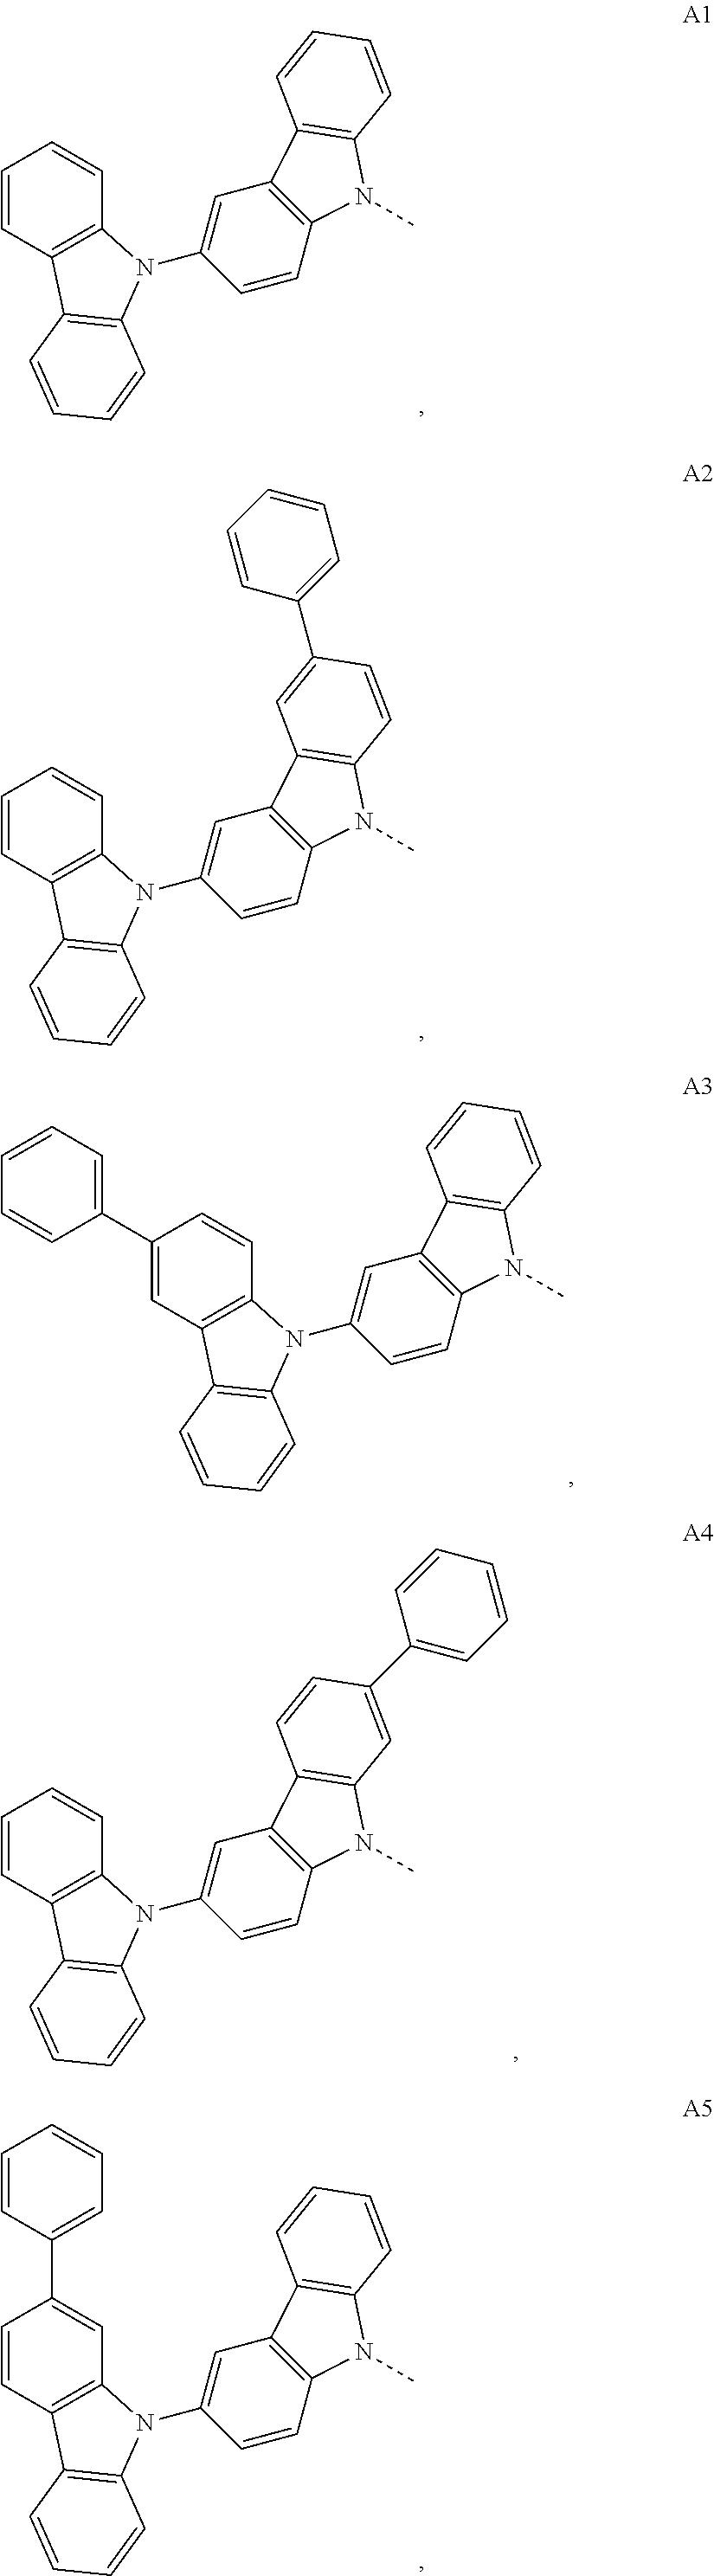 Figure US09876173-20180123-C00027